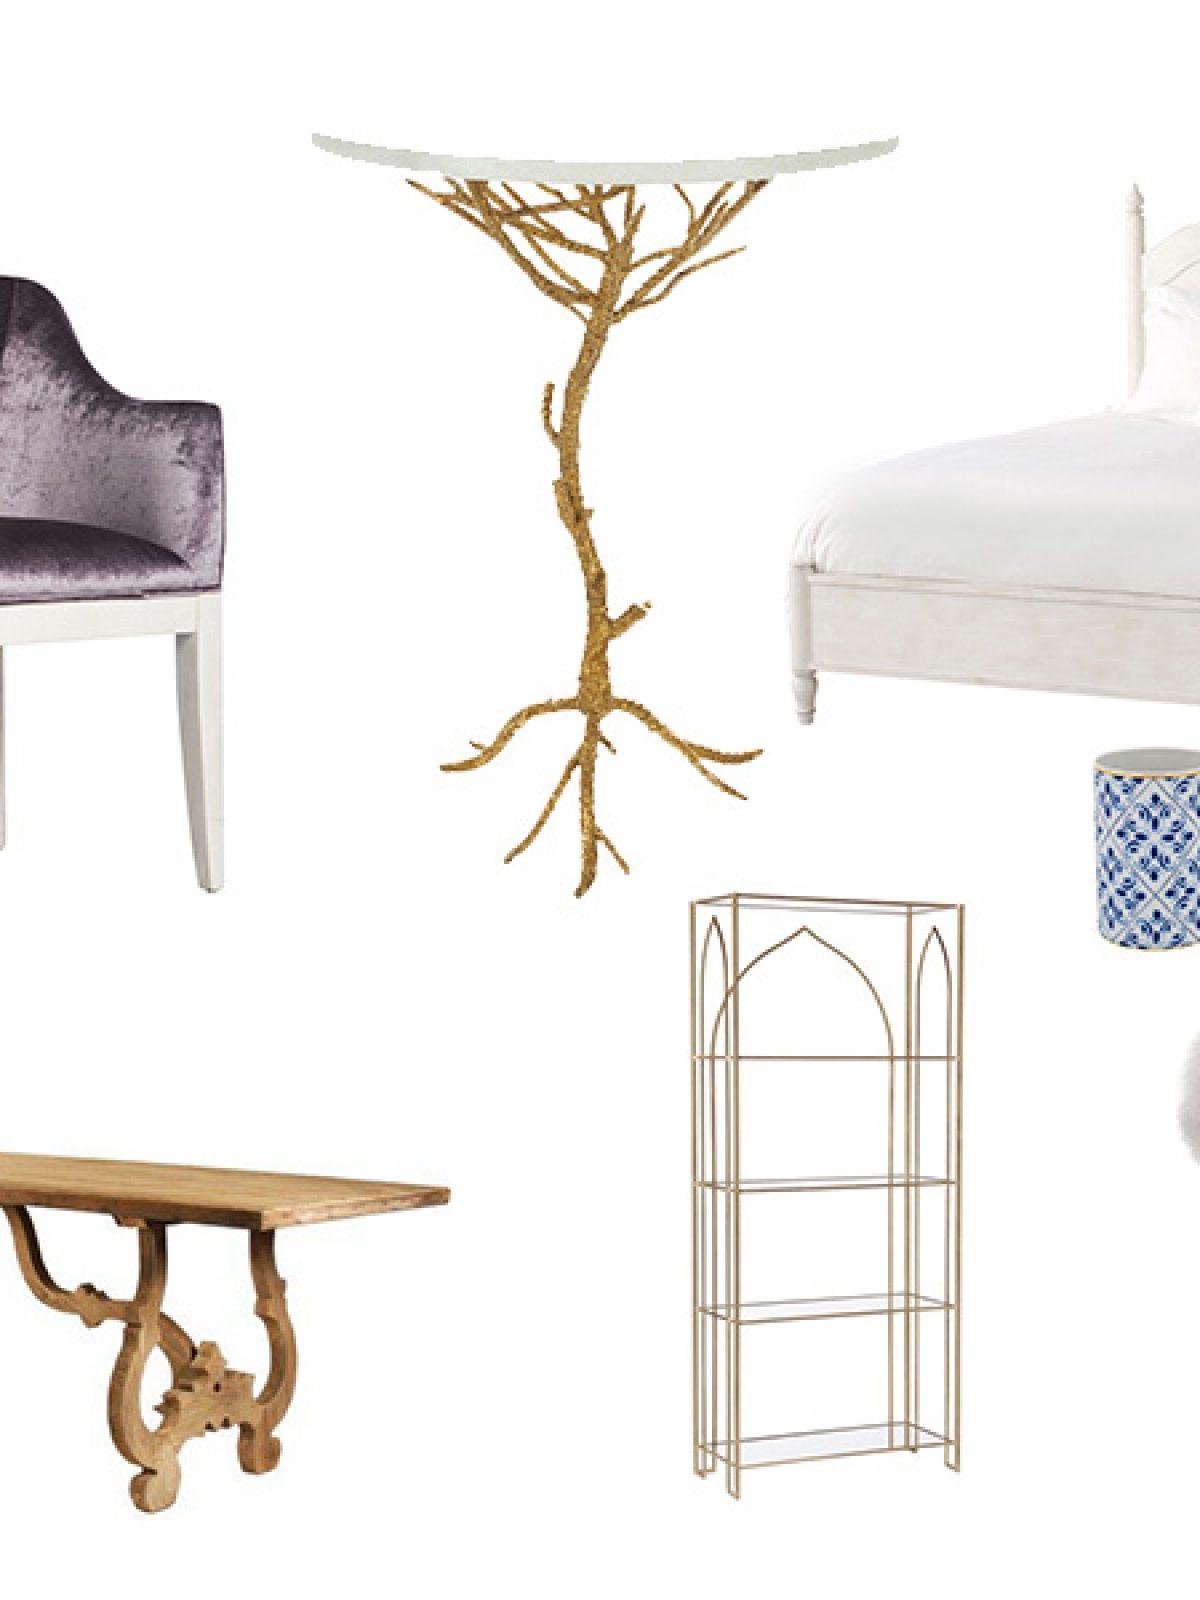 feminine home decor inspiration, home decor ideas, gold and white home decor, scenario home